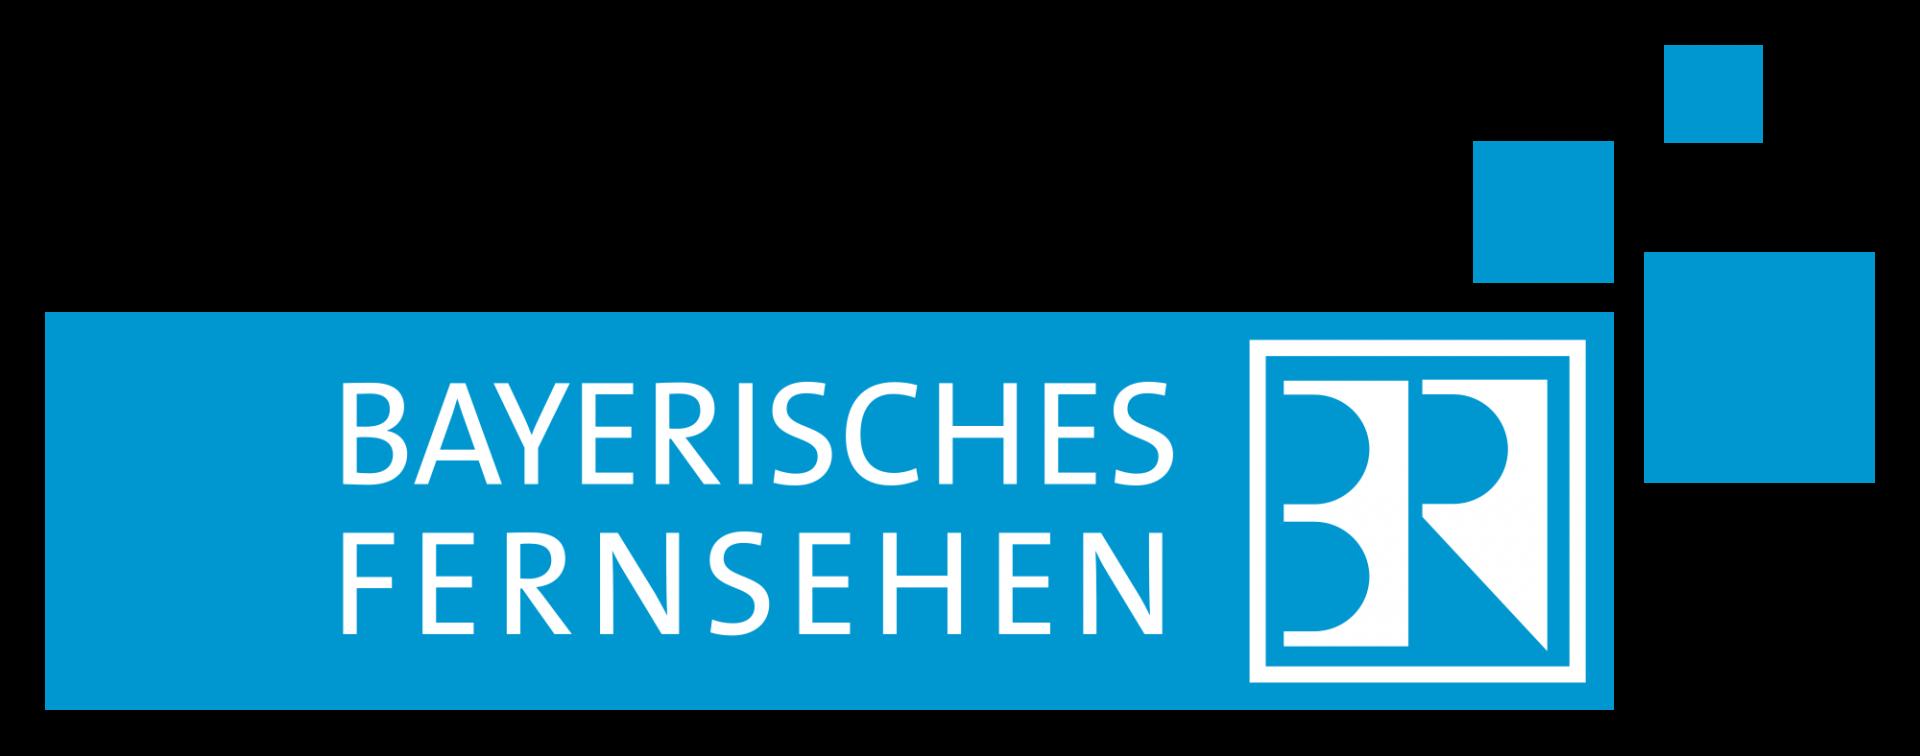 2000px-bayerischesfernsehen-logo-svg